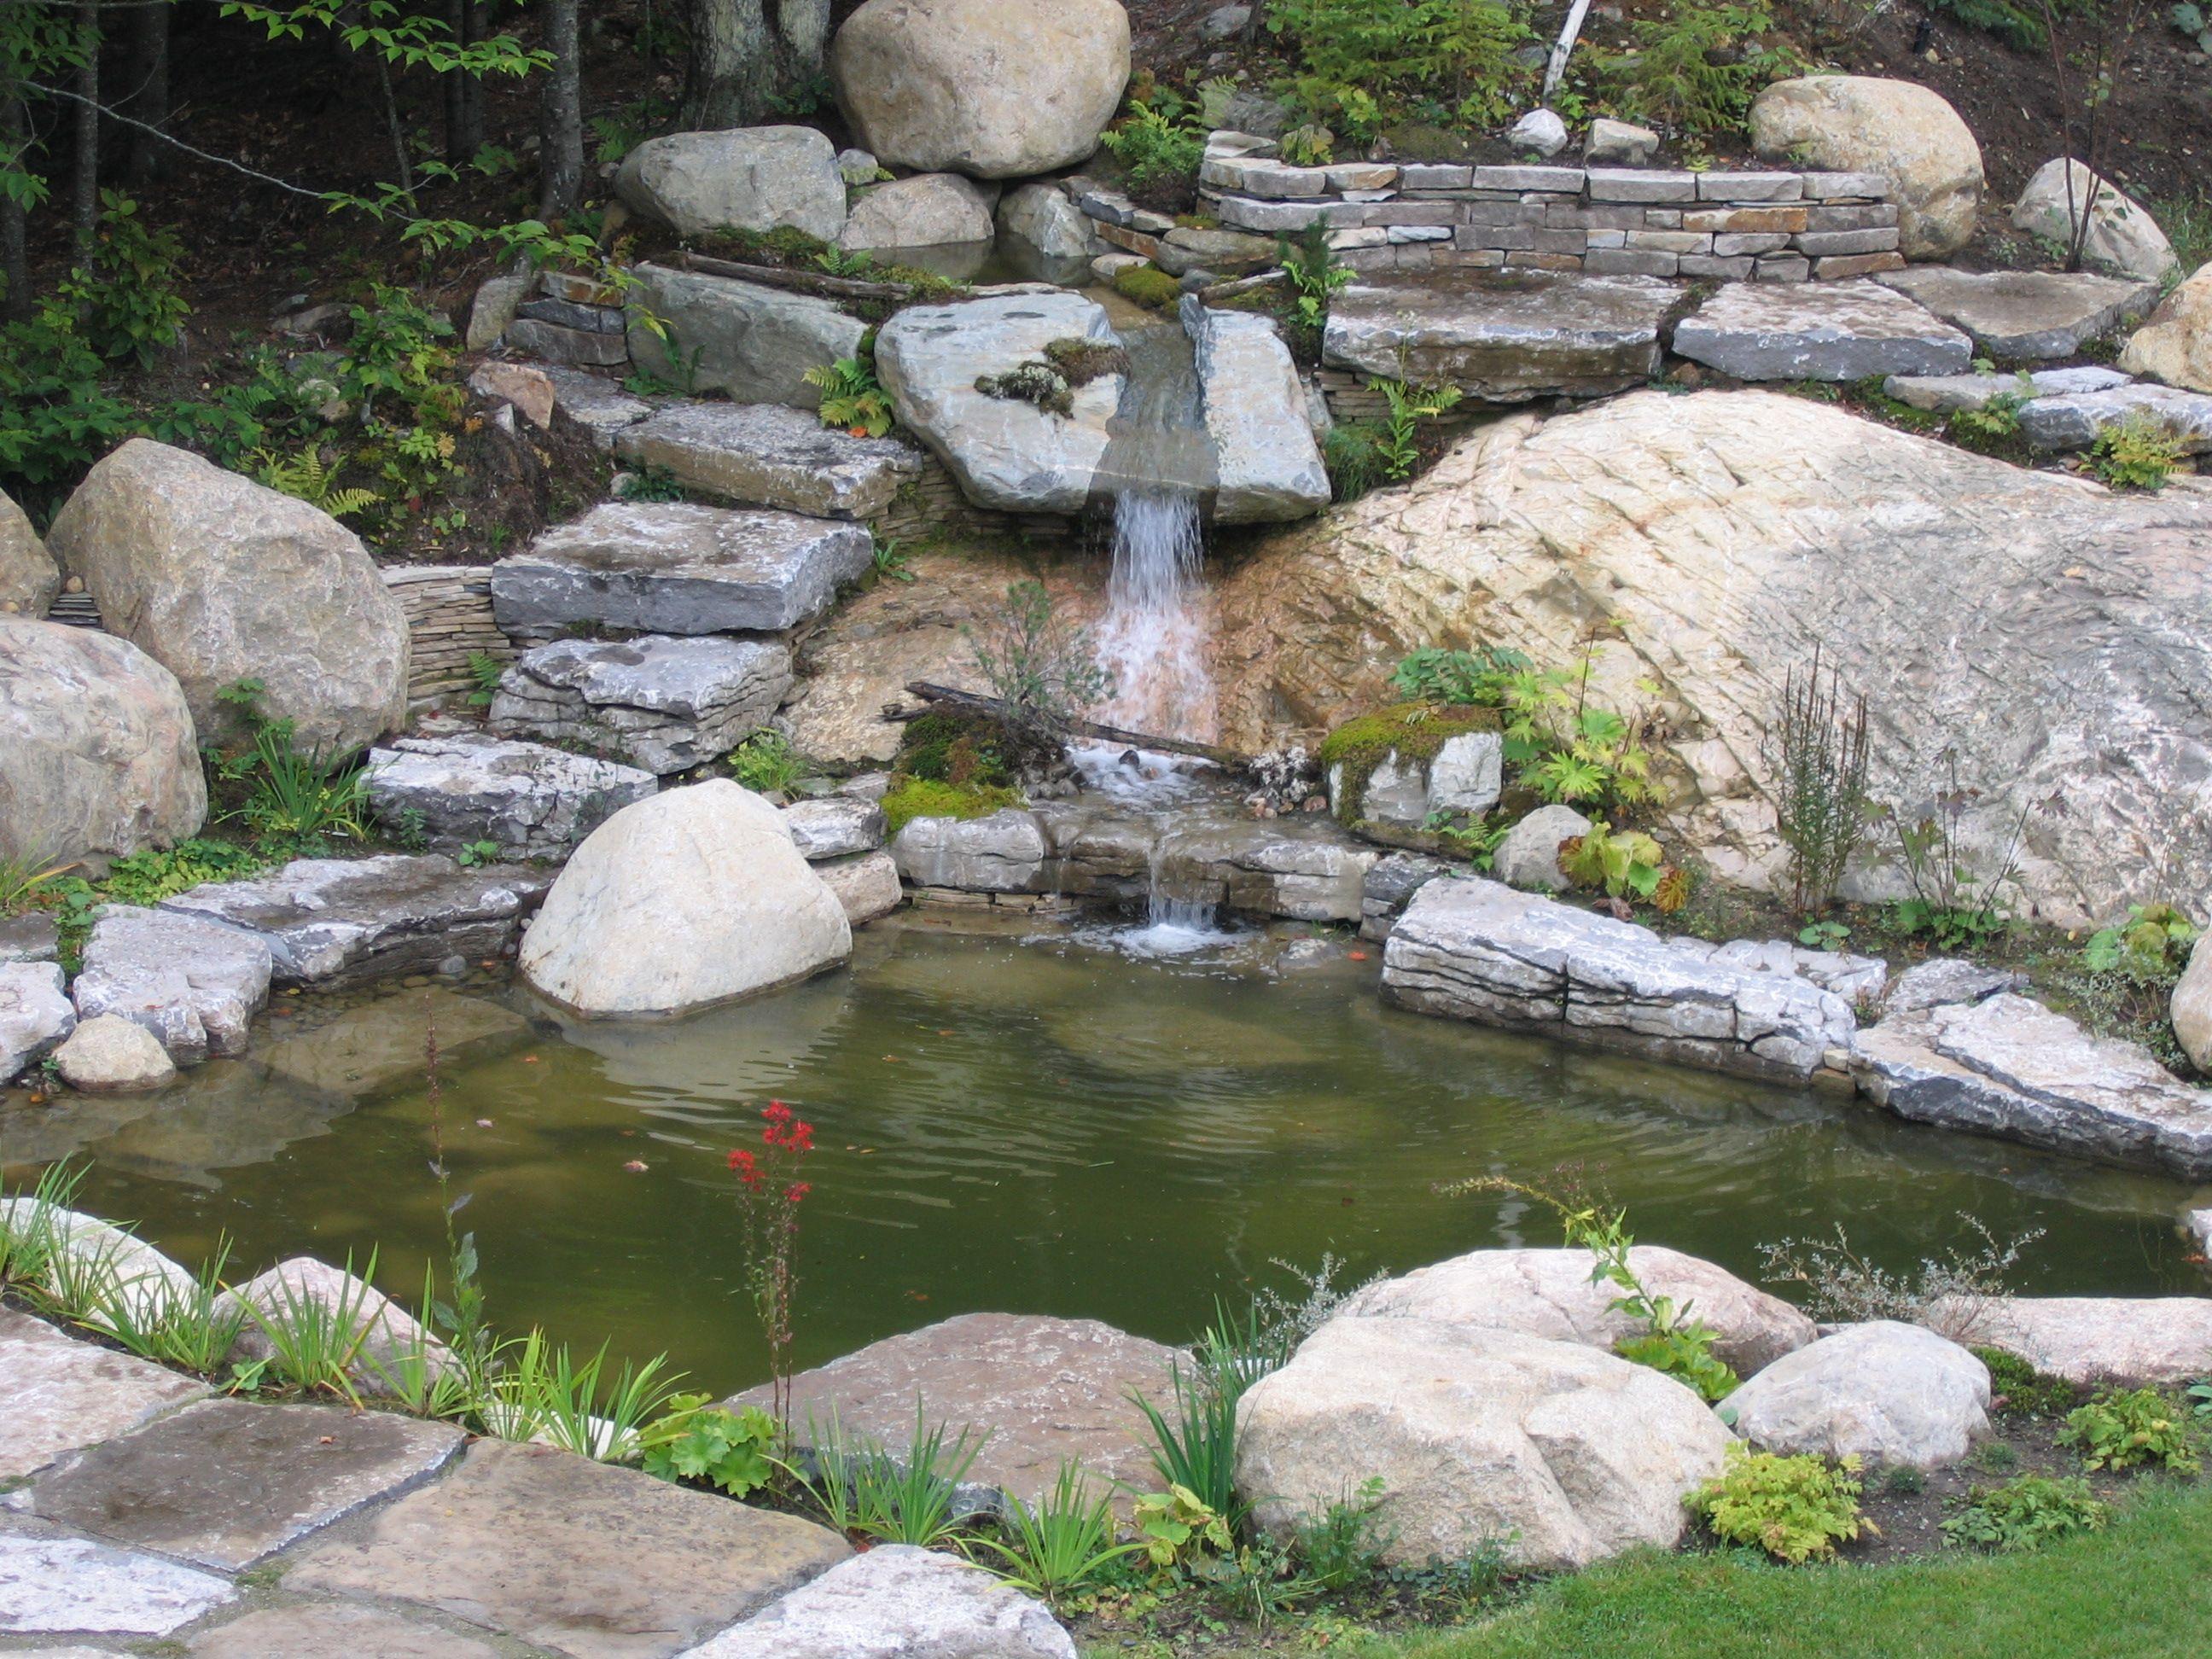 Aménager Un Bassin Extérieur Pour Un Bassin Du0027eau Stagnante, Parfait Lieu  De Sérénité